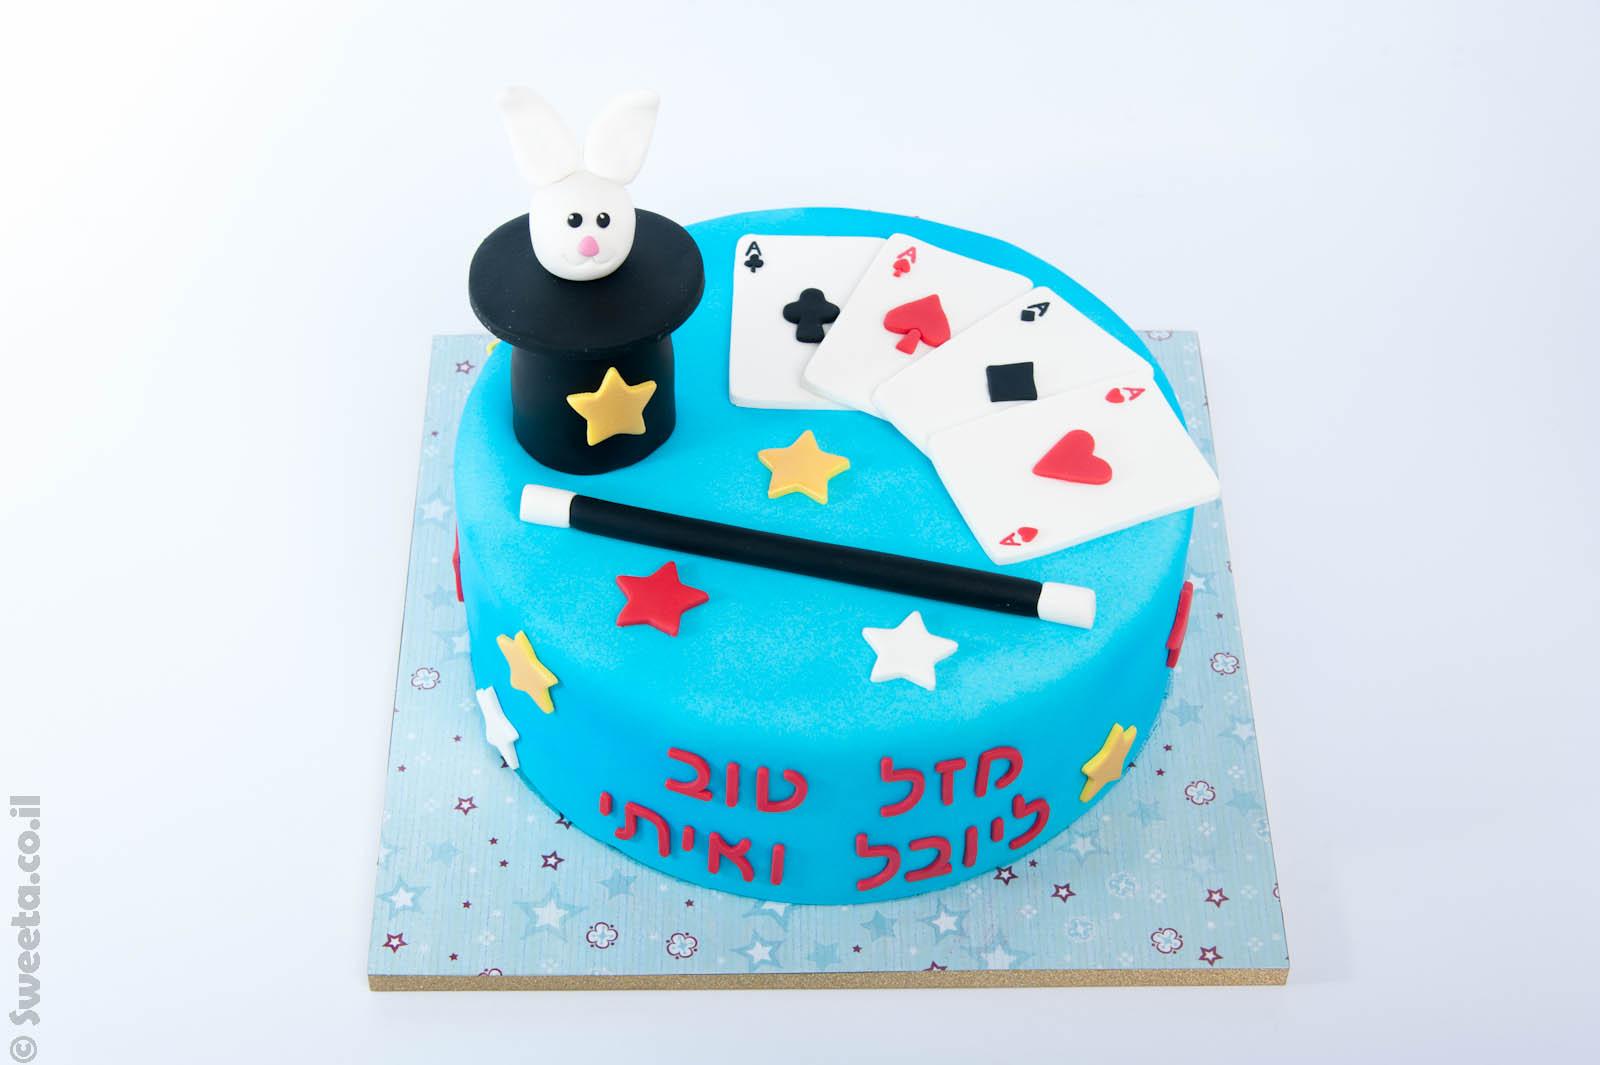 קסמים מבצק סוכר על עוגה מעוצבת